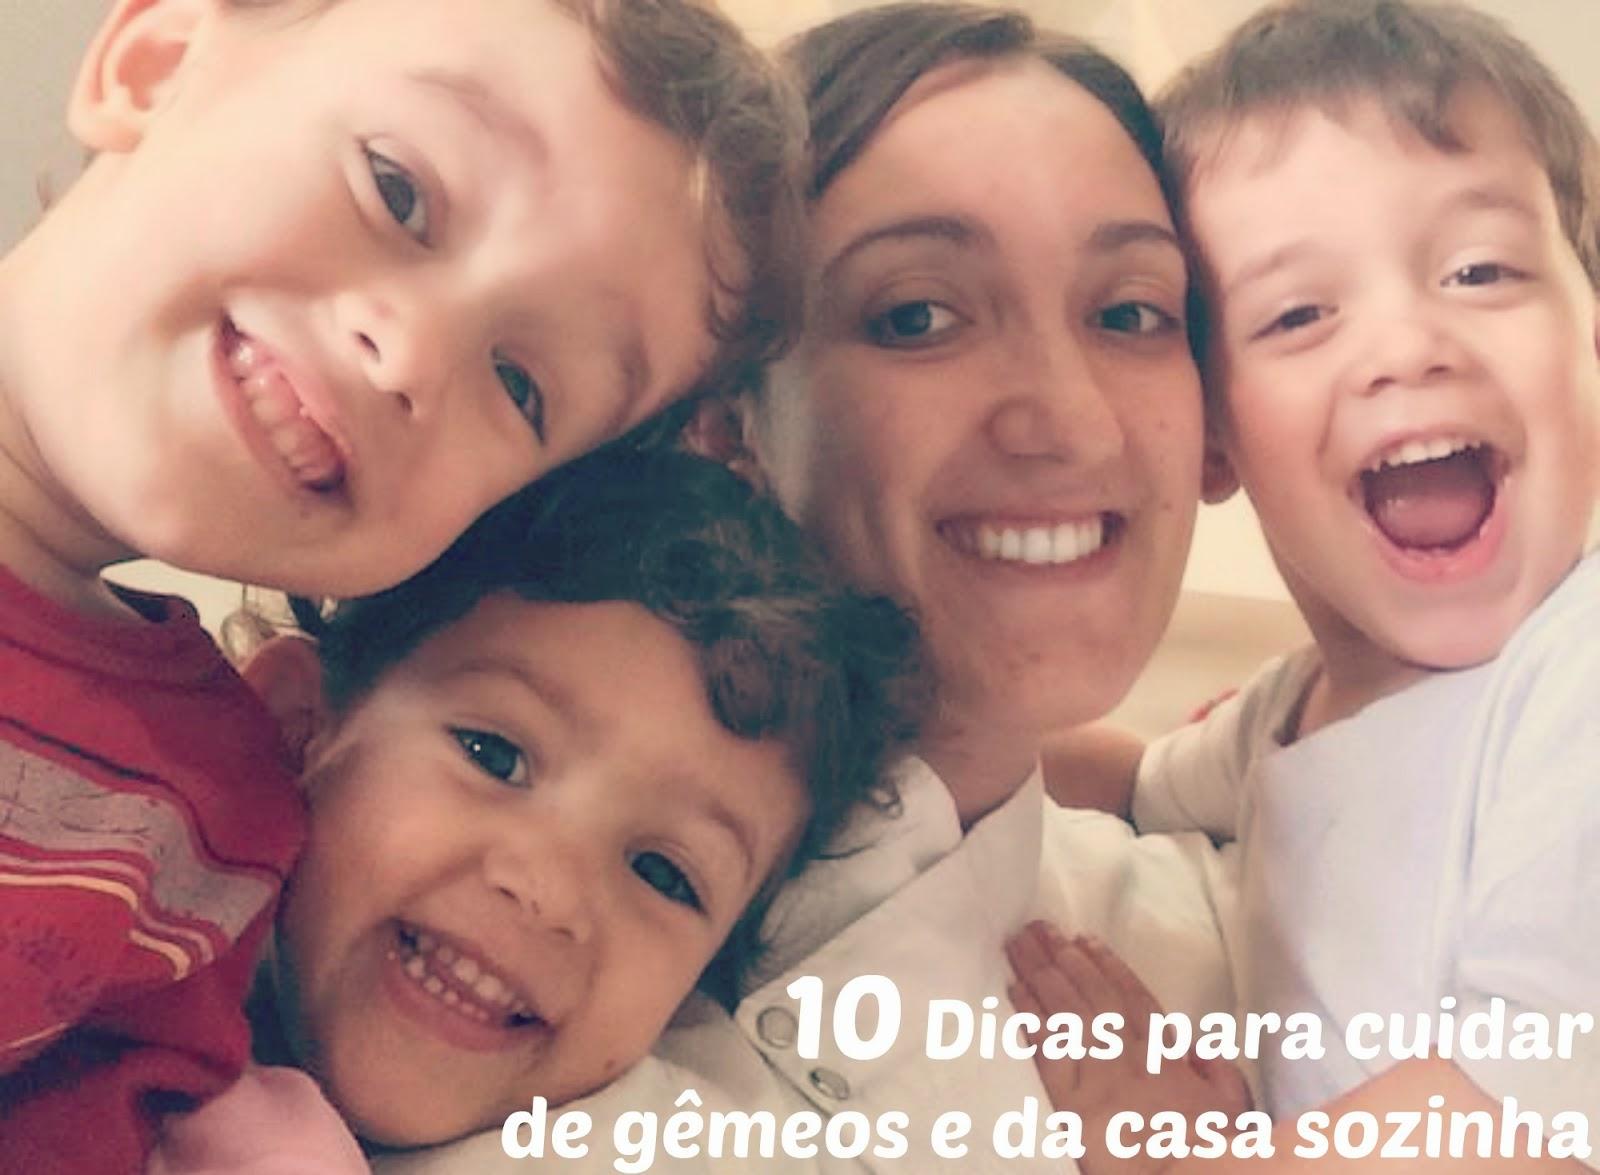 10 Dicas para cuidar de gêmeos e da casa sozinha